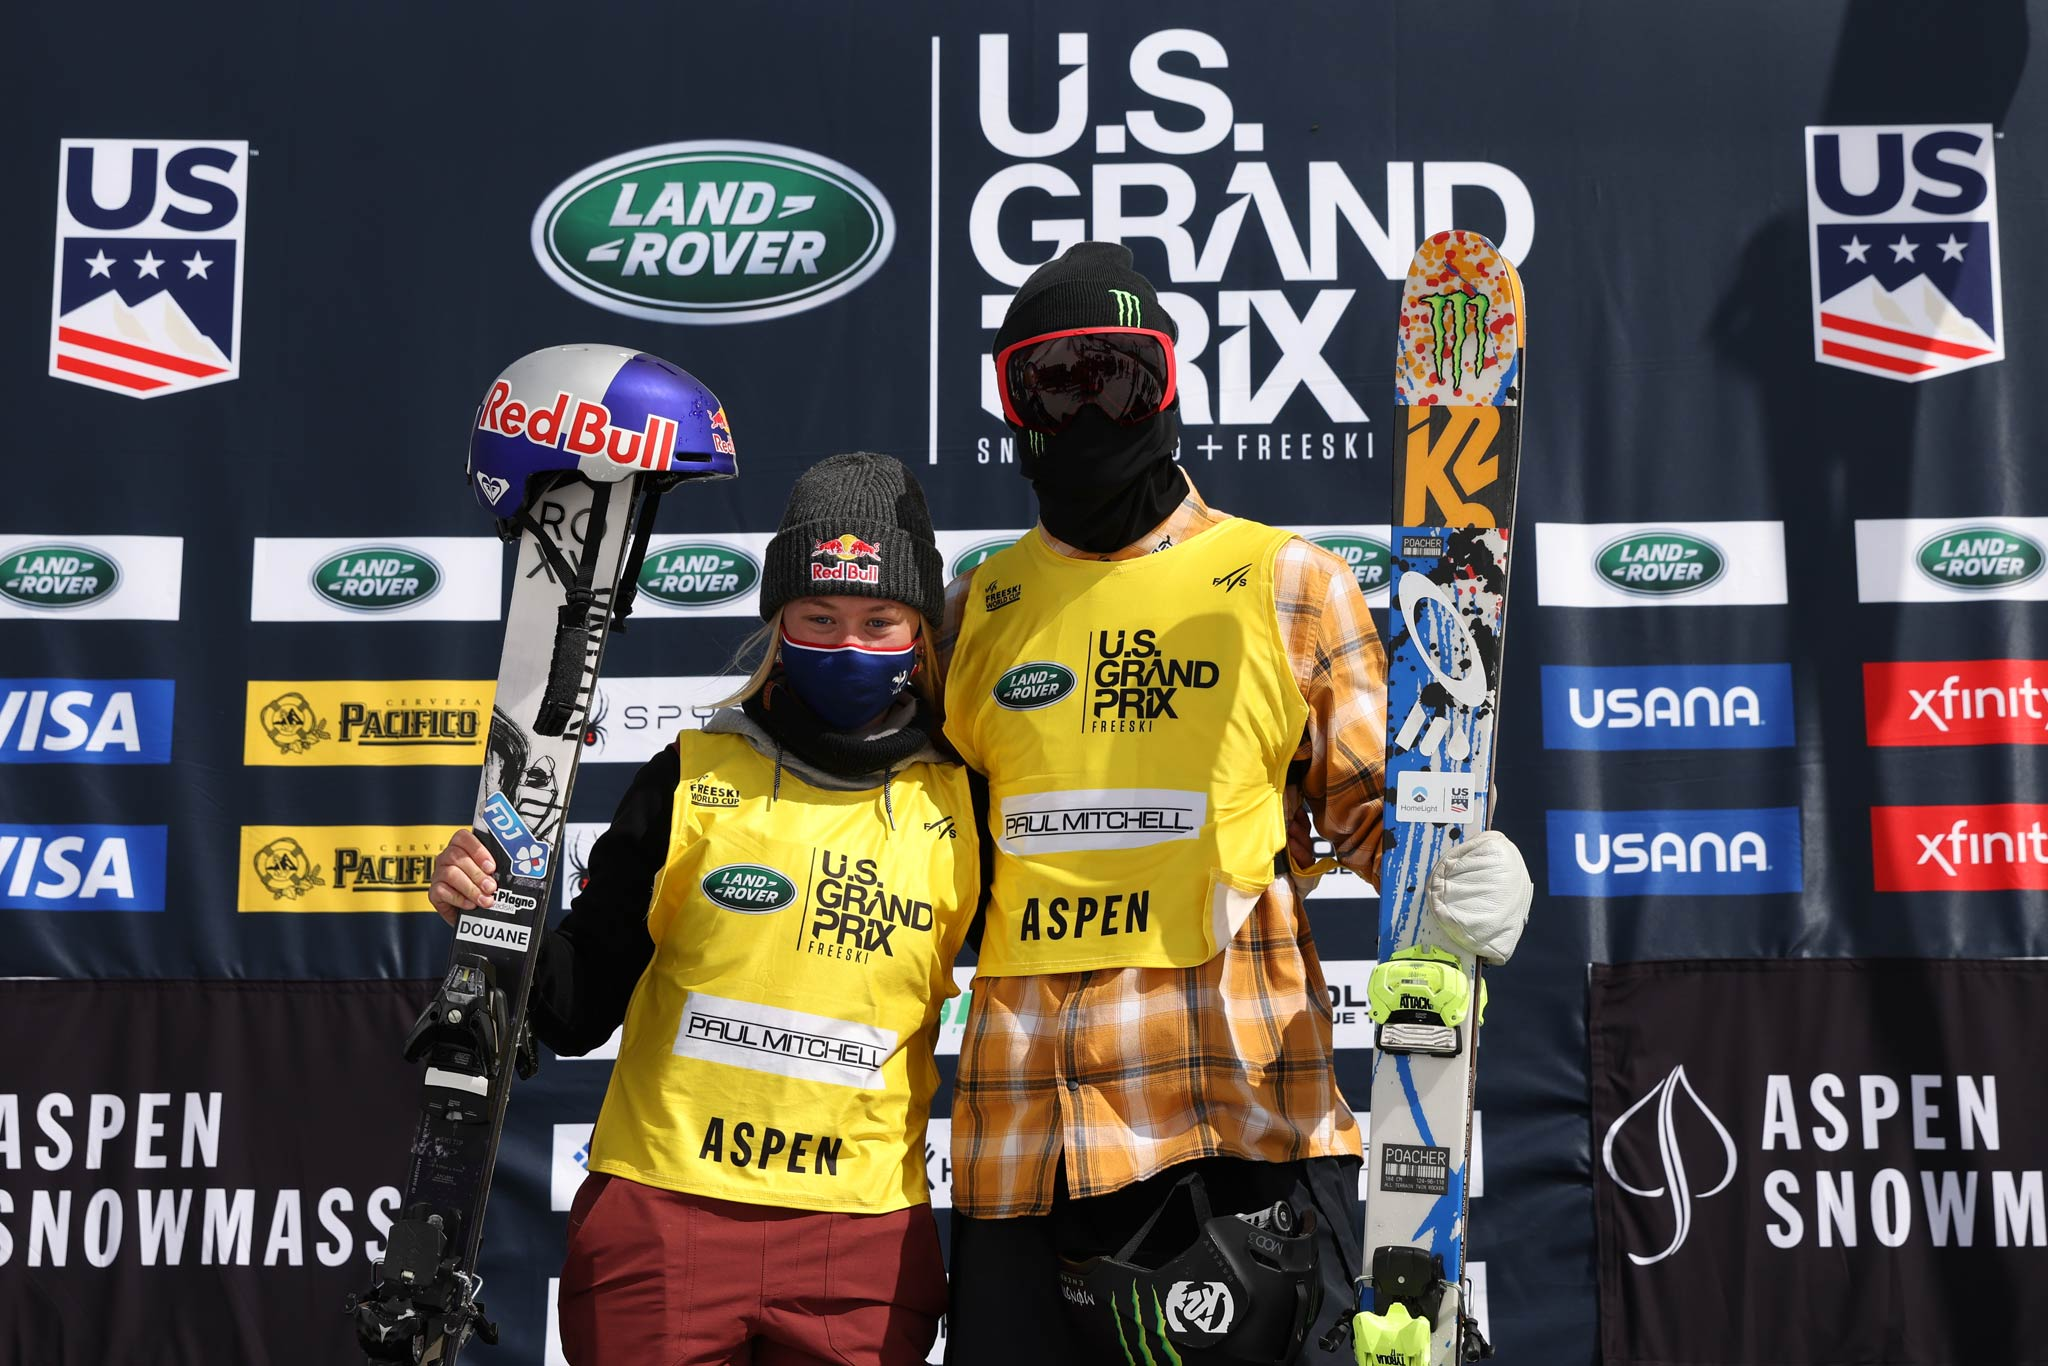 Die beiden Gewinner beim Slopestyle Weltcup in Aspen: Tess Ledeux und Colby Stevenson.